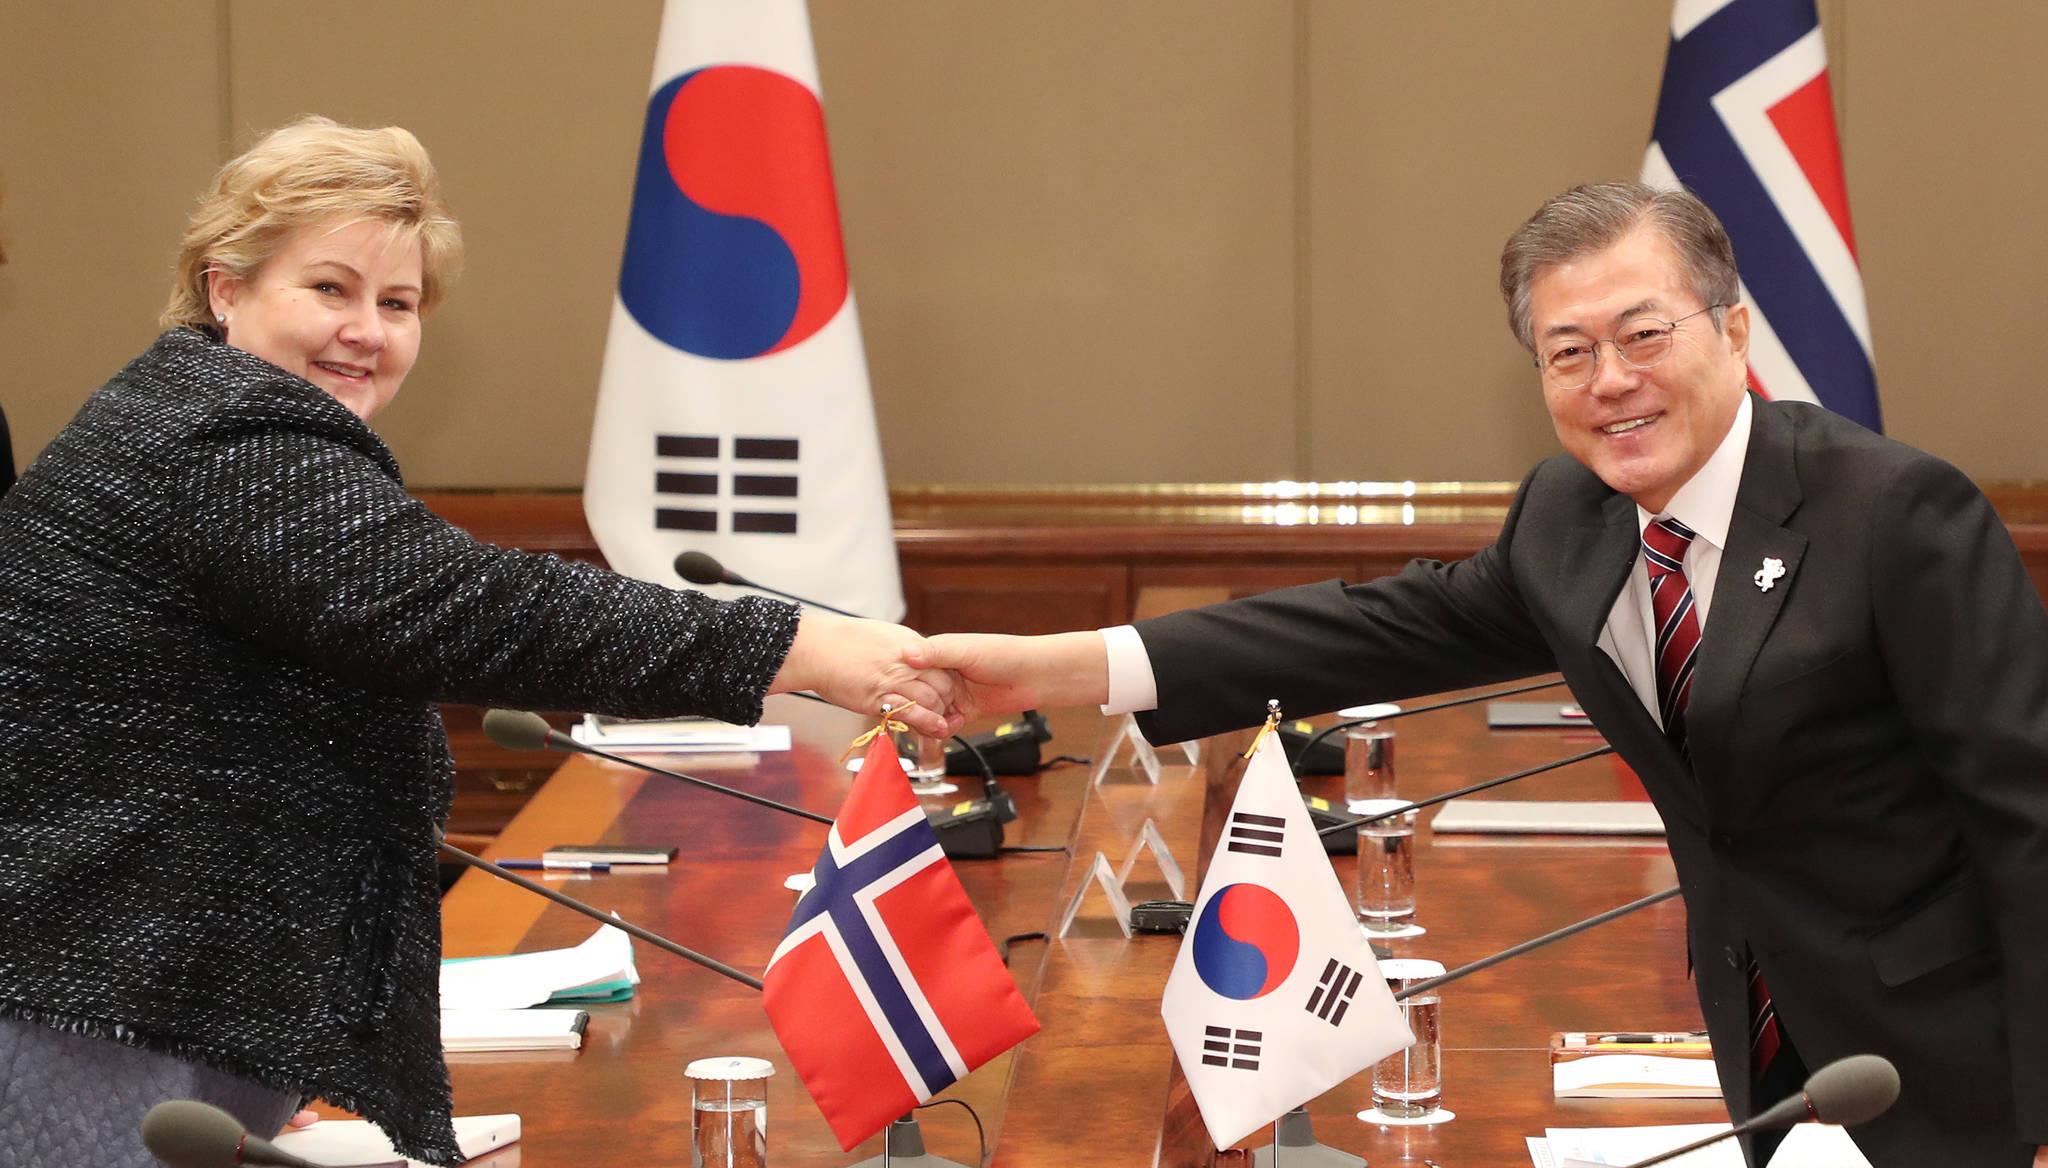 문재인 대통령이 15일 오후 청와대 본관에서 에르나 솔베르그 노르웨이 총리와 정상회담에 앞서 악수하고 있다. [연합뉴스]